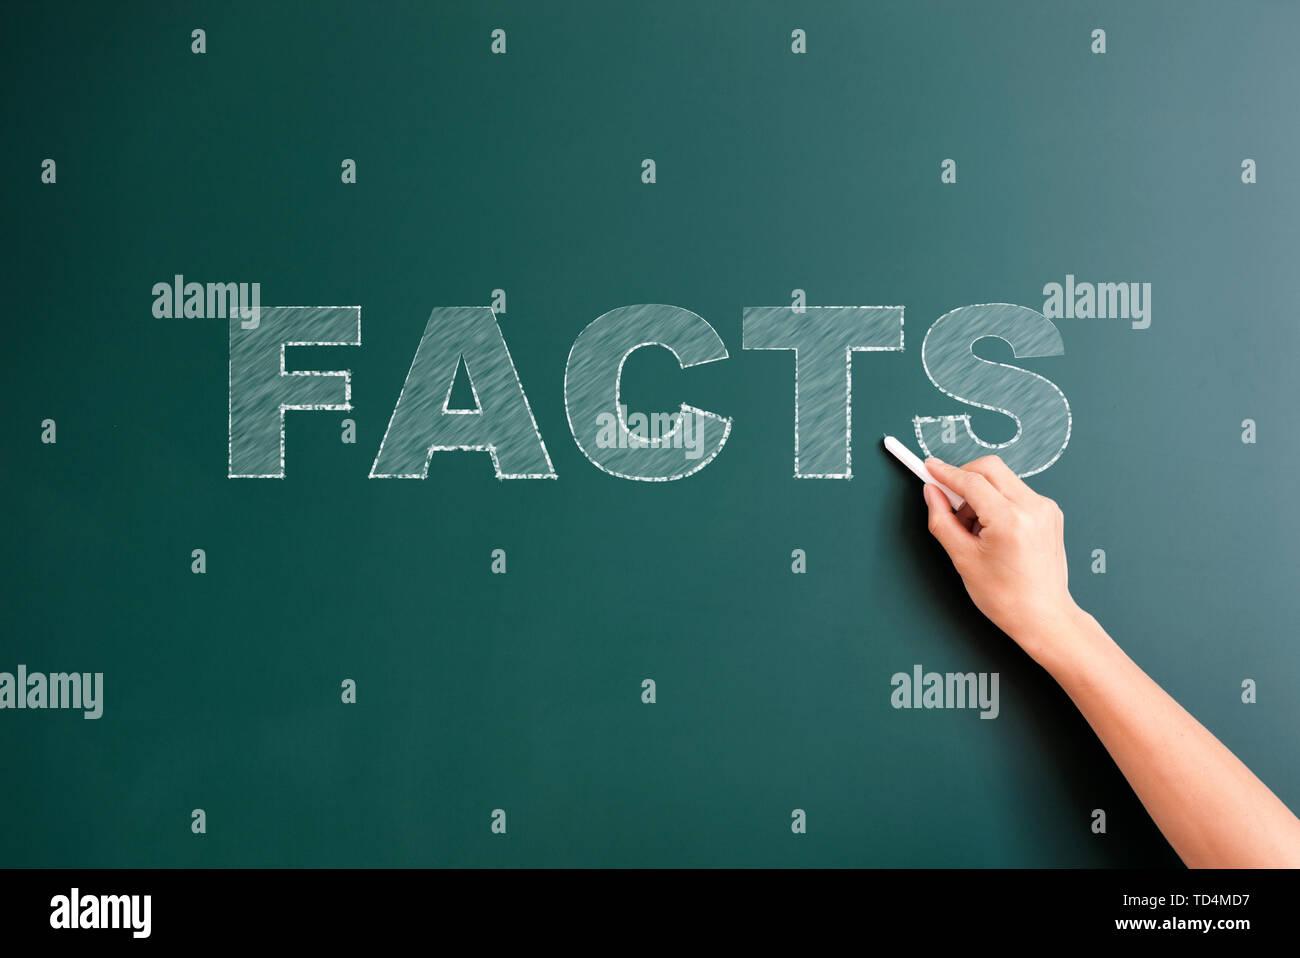 facts written on blackboard - Stock Image